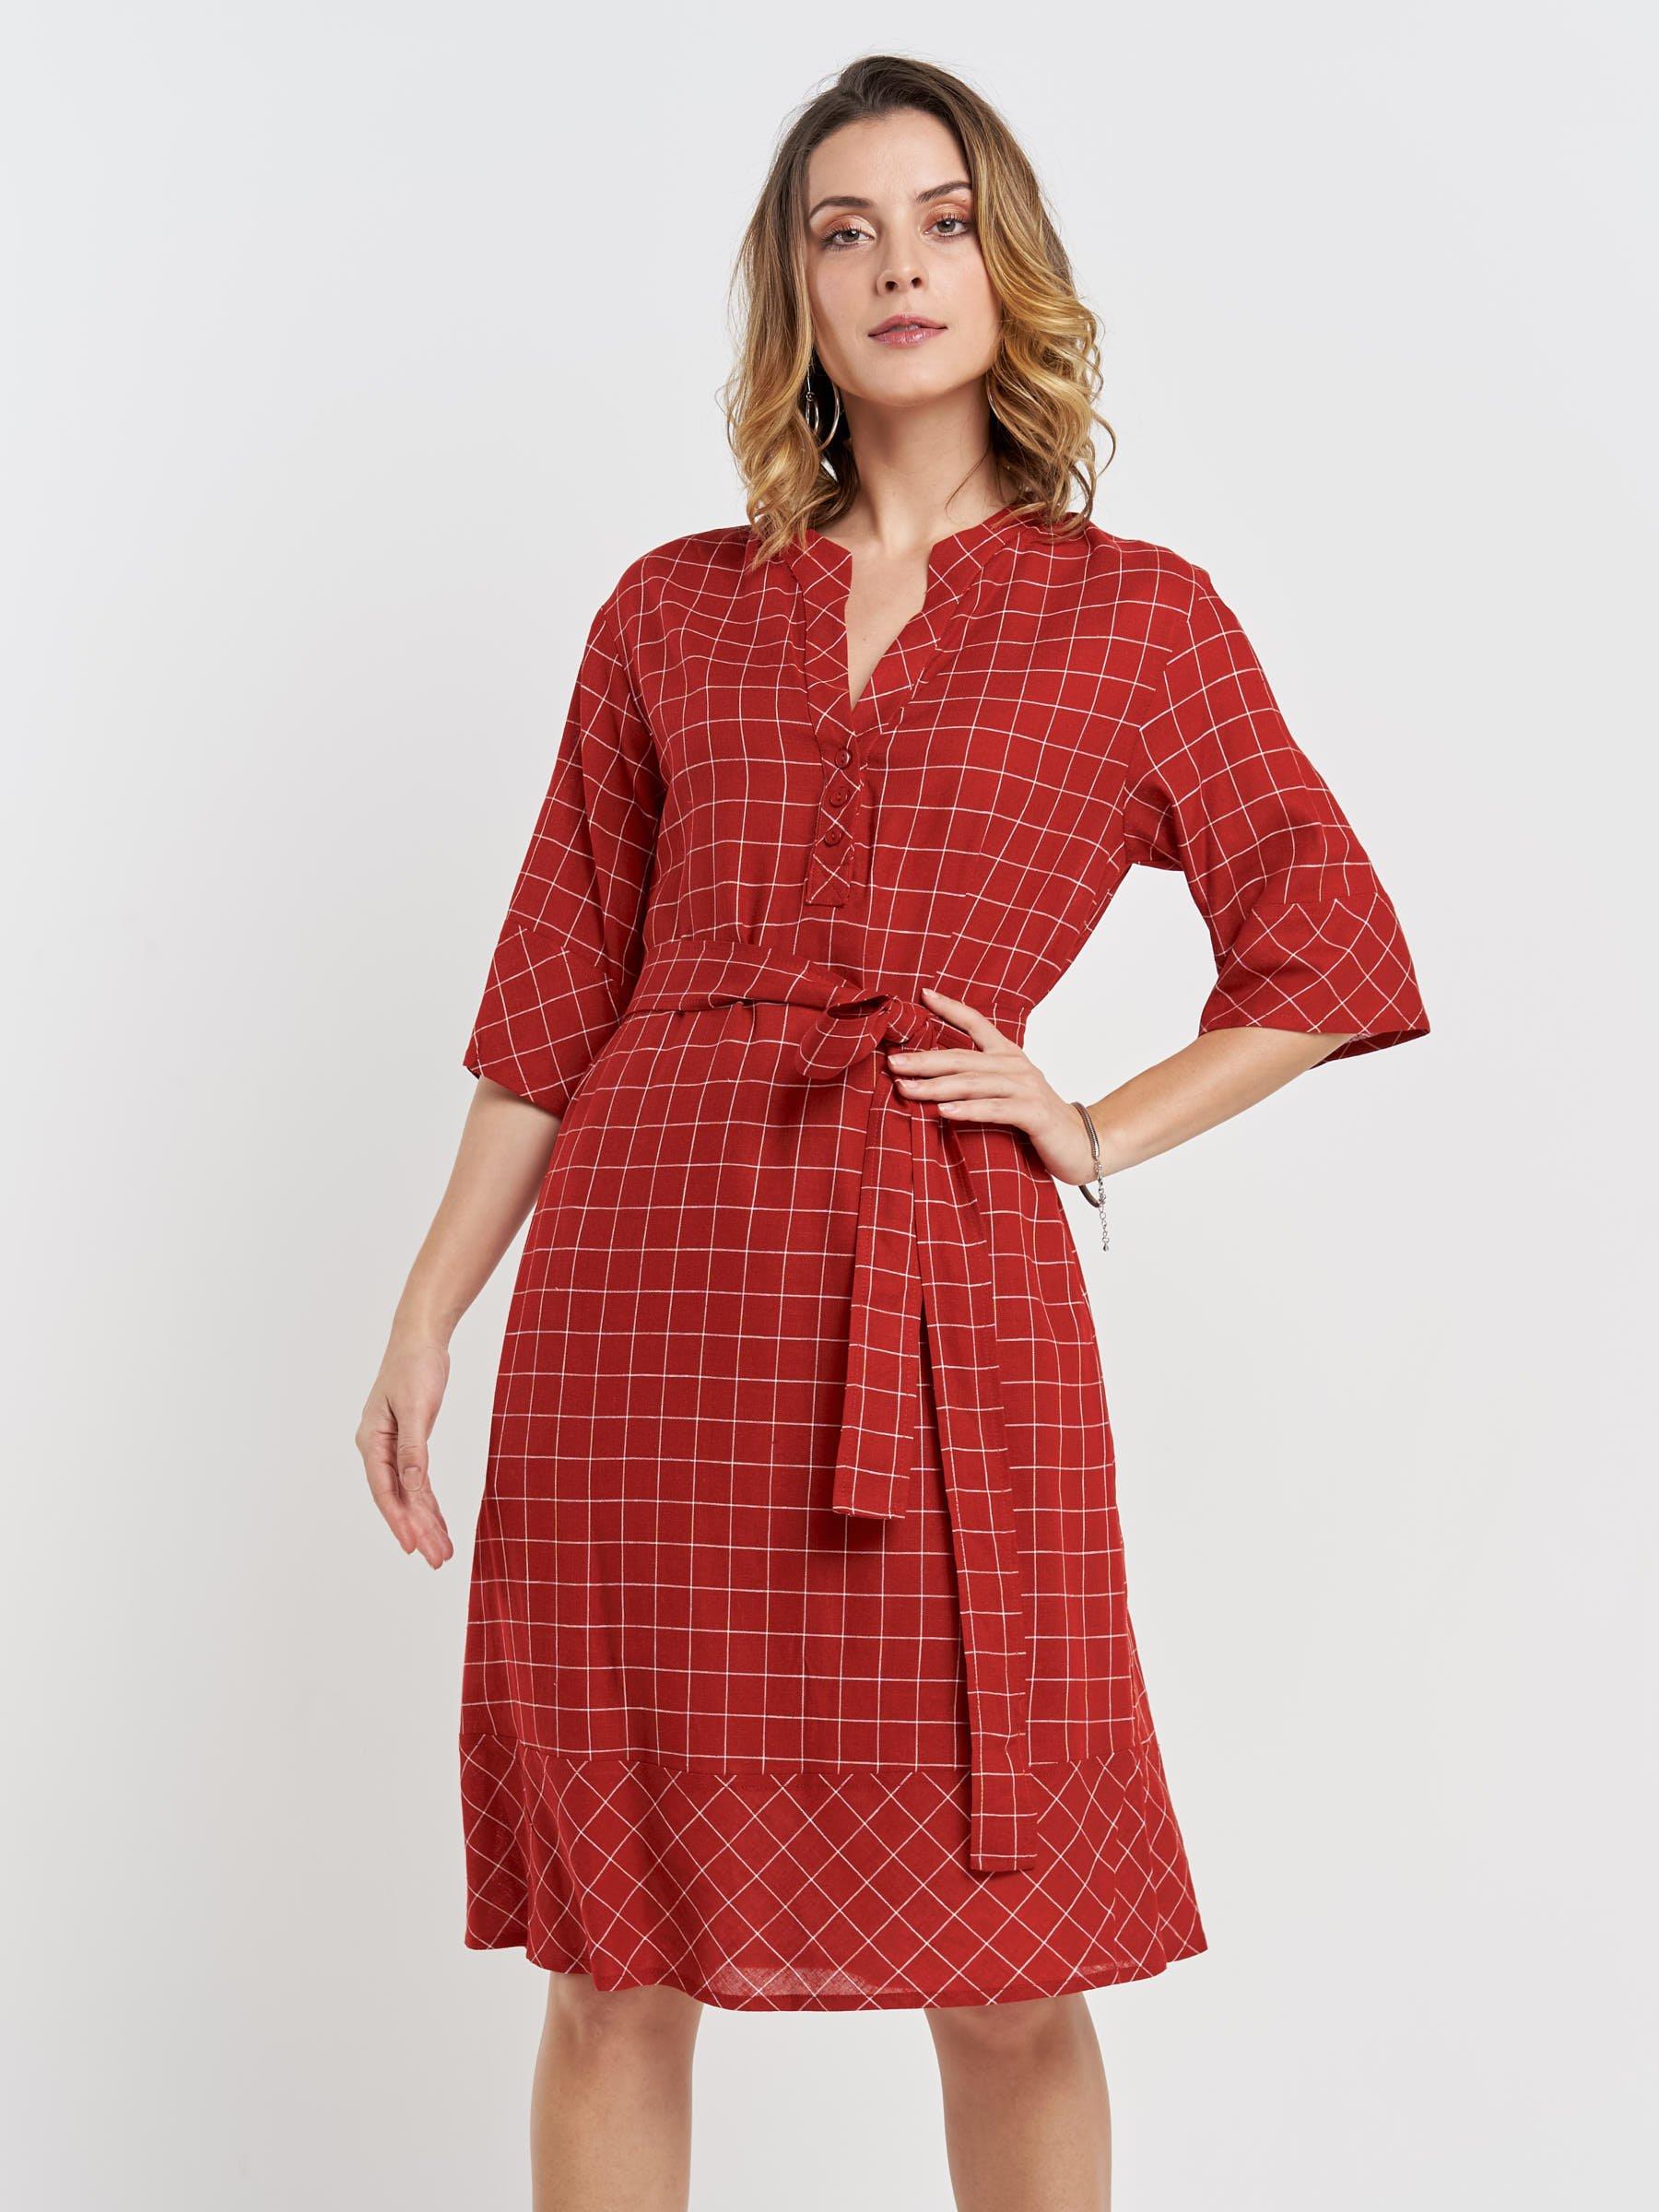 Vestido vermelho estampado